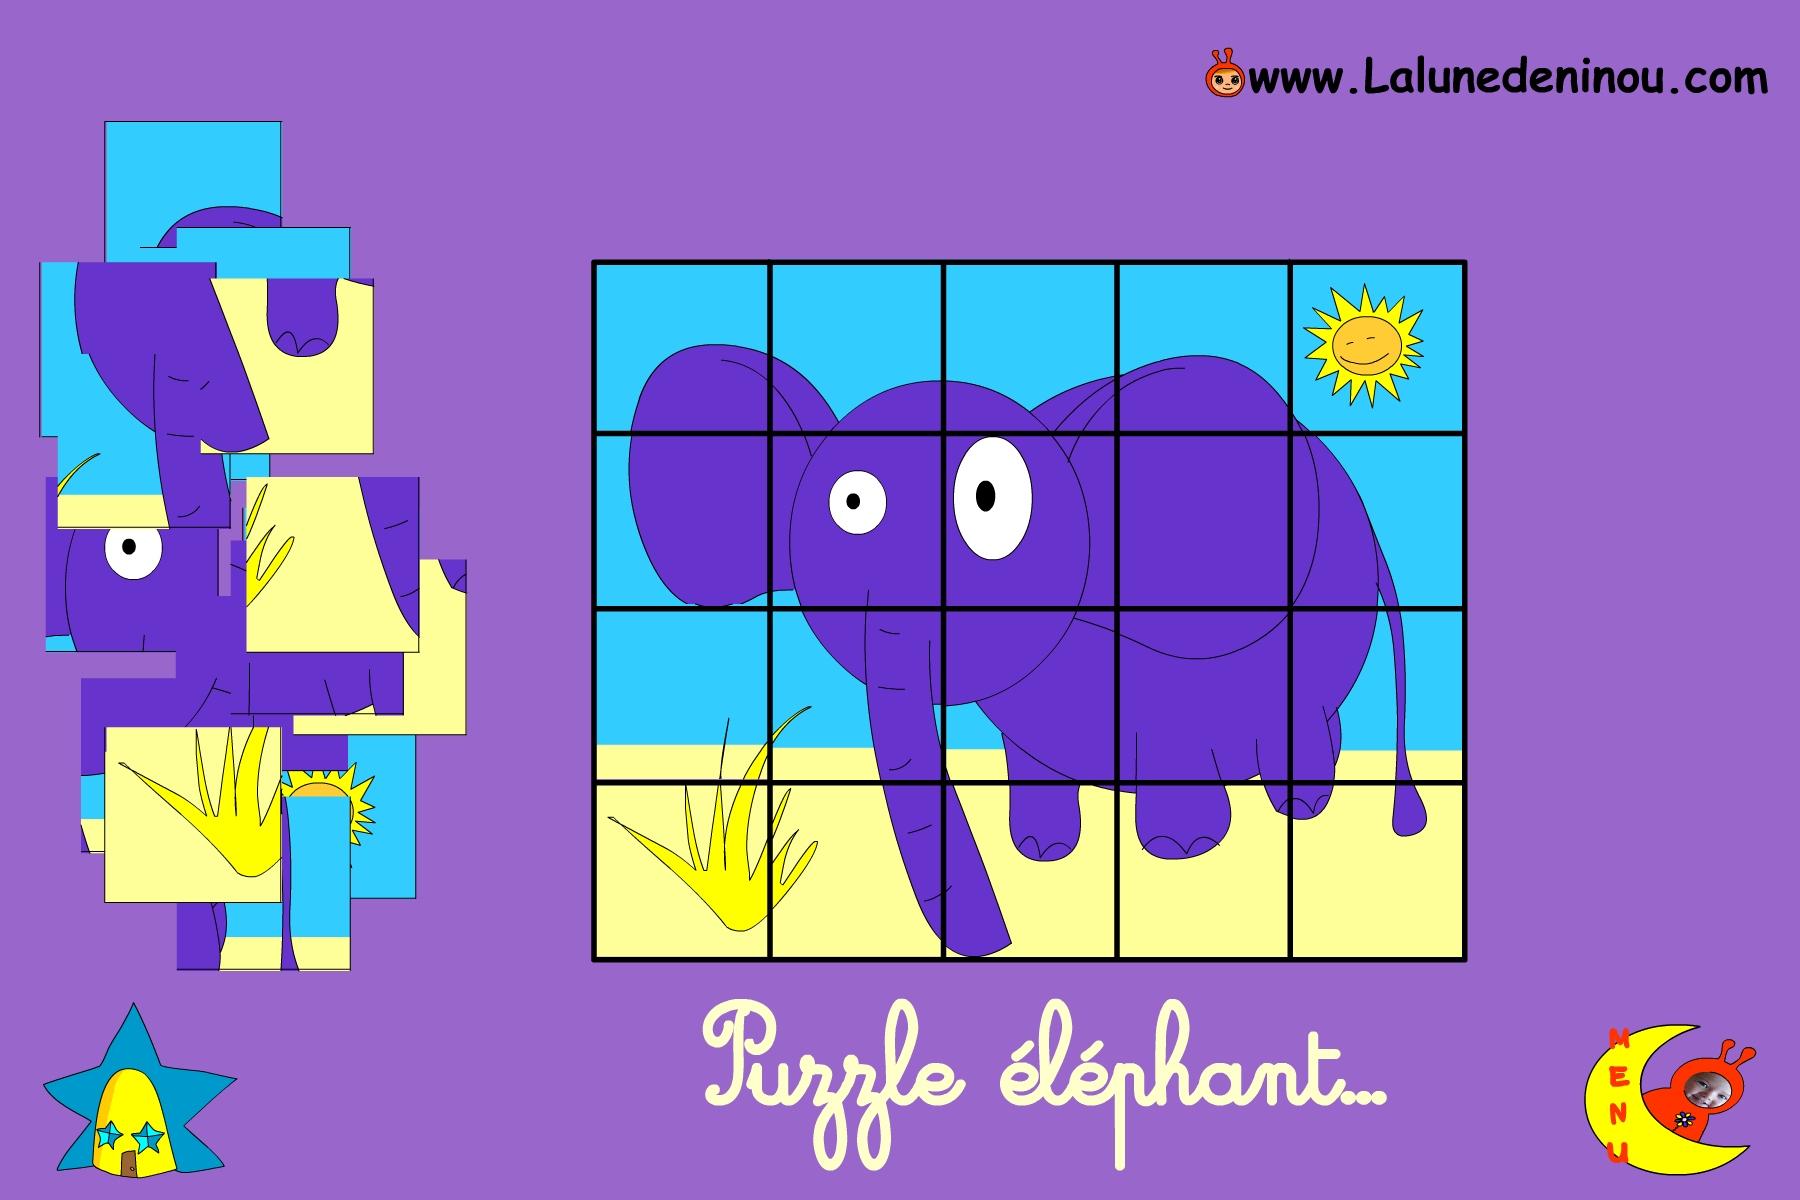 Puzzle En Ligne Pour Enfant De Maternelle - Lalunedeninou encequiconcerne Jeux Gratuit Enfant 3 Ans